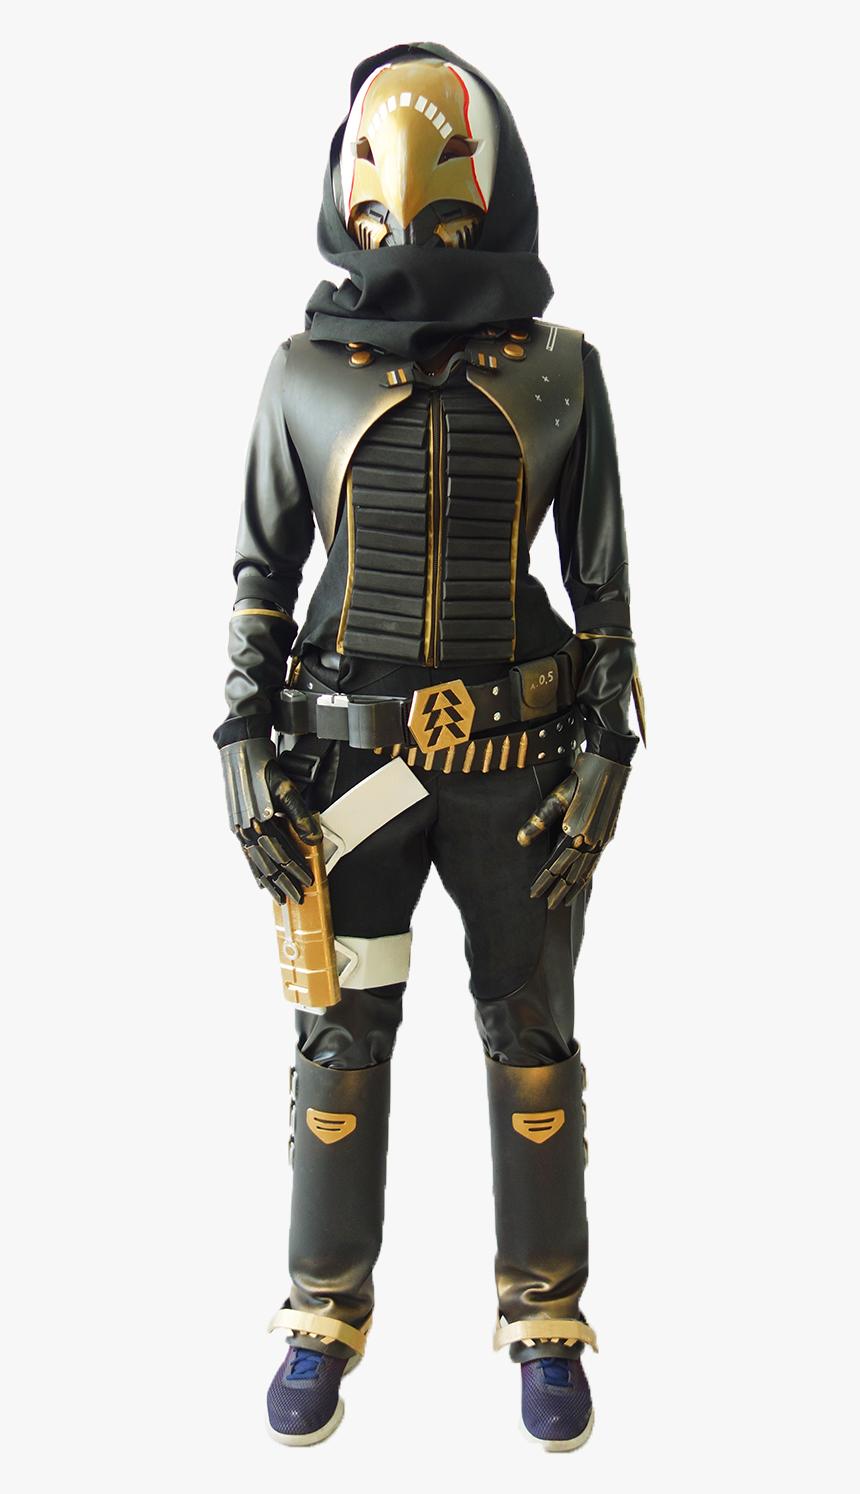 Destiny 2 Hunter Png, Transparent Png, Free Download